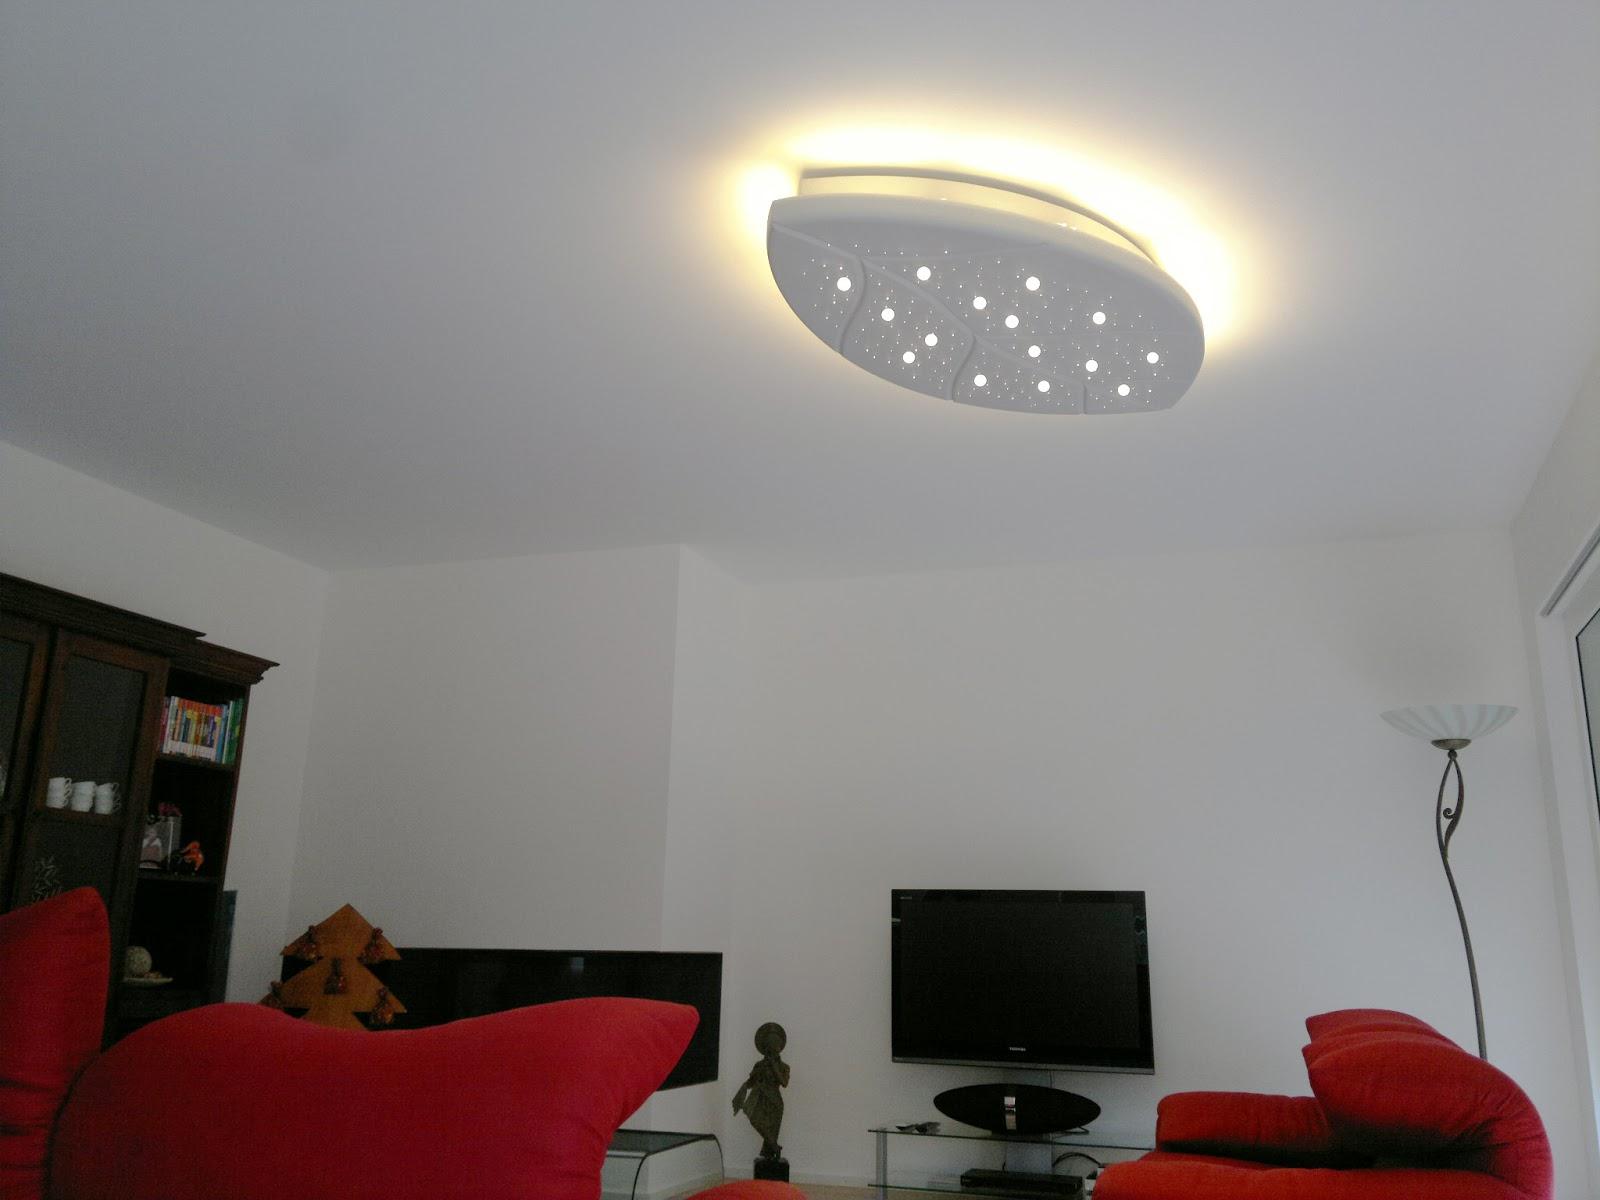 Illuminazione a soffitto led - Illuminazione ingresso casa ...